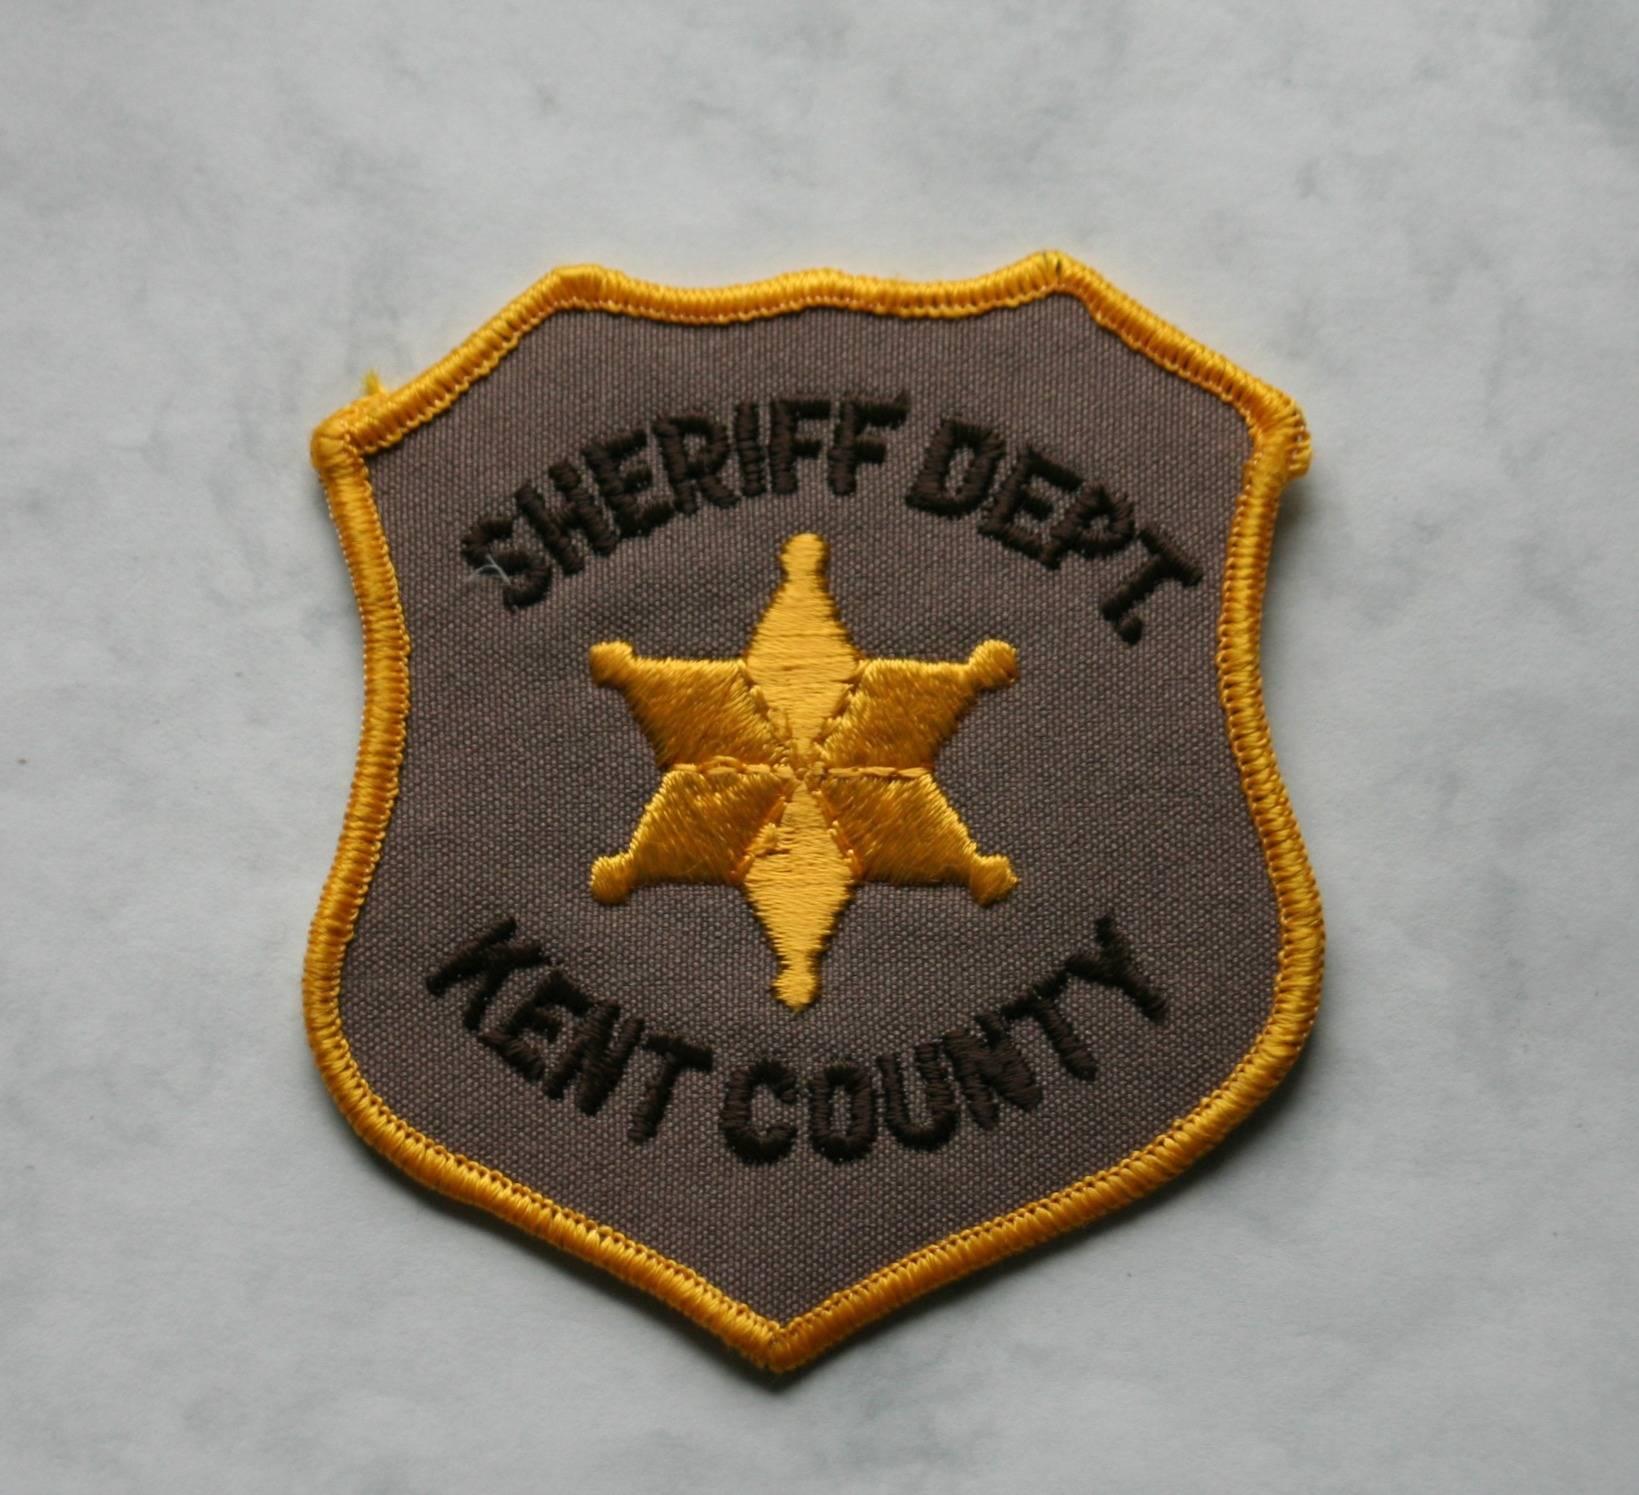 Kent Co. Mi. Sheriff